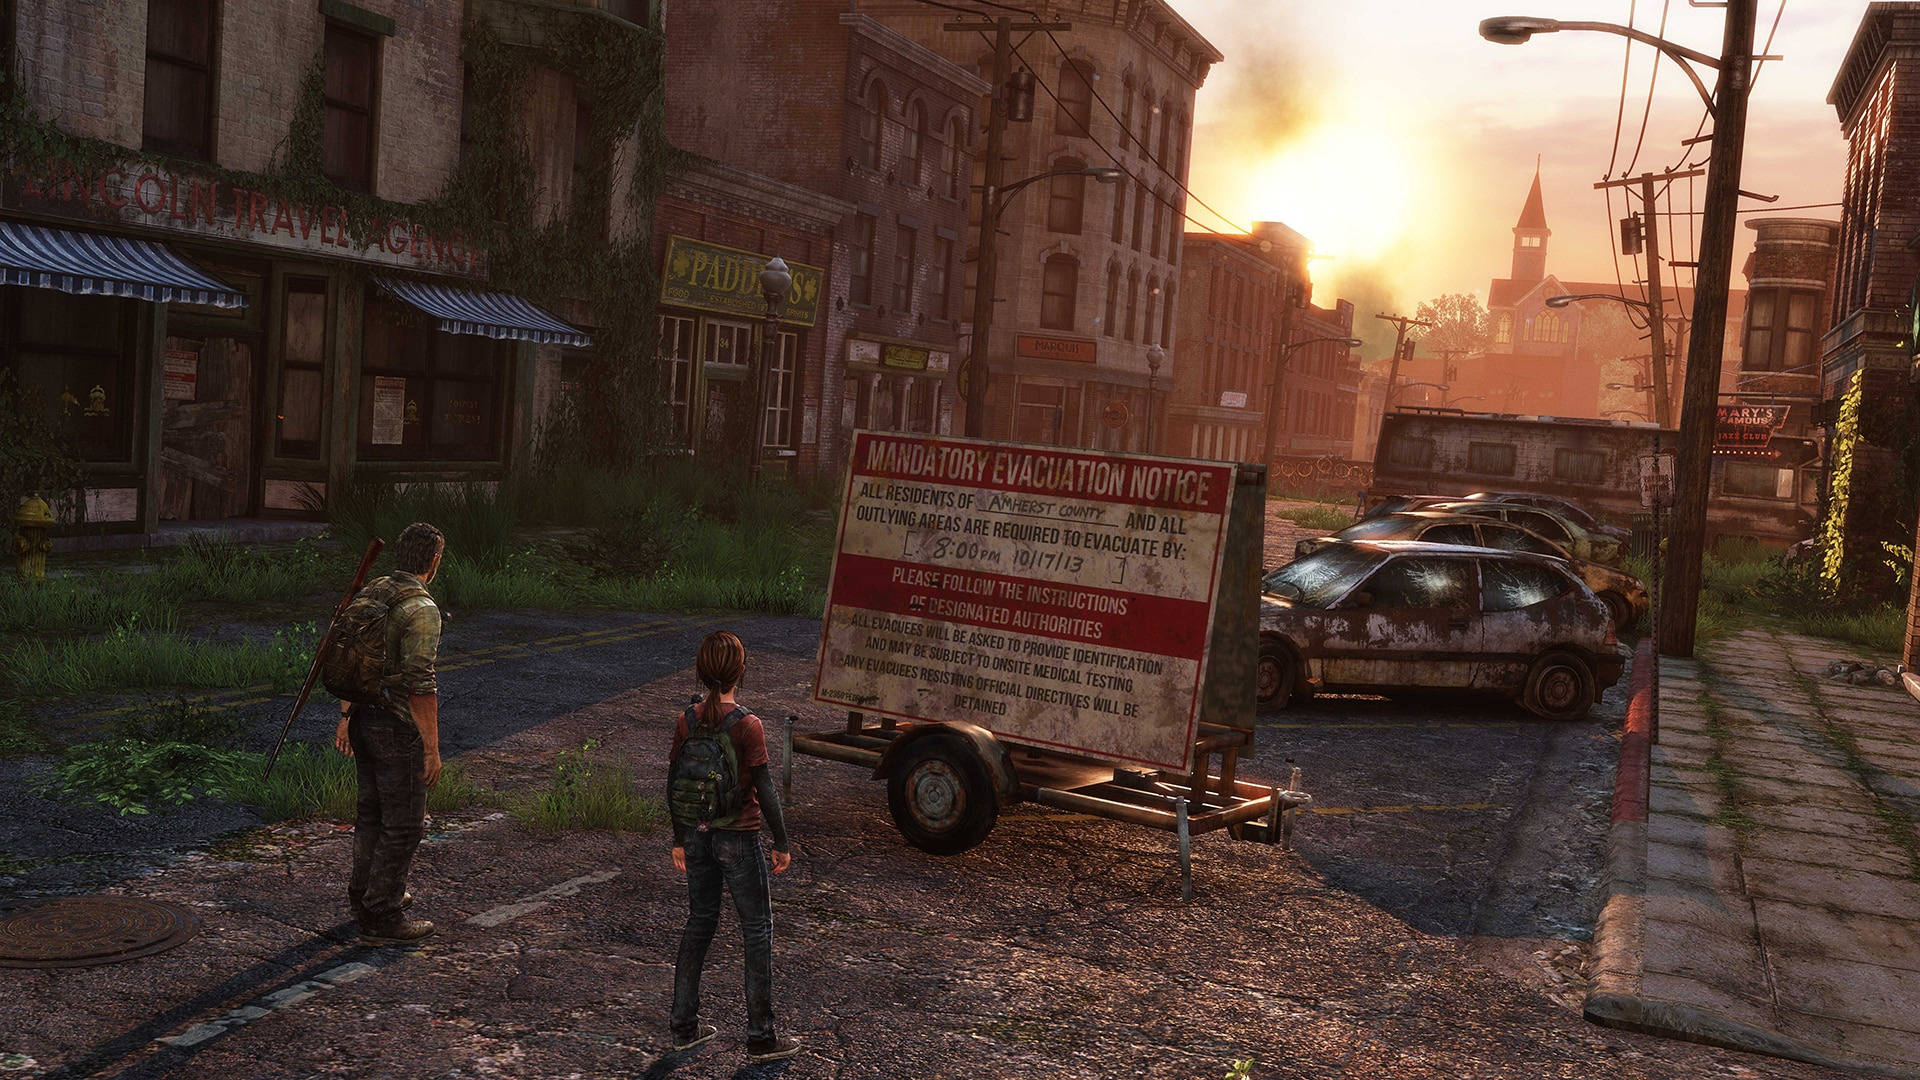 Joel i Ellie na screenie z gry The Last of Us w scenerii zniszczonego miasteczka